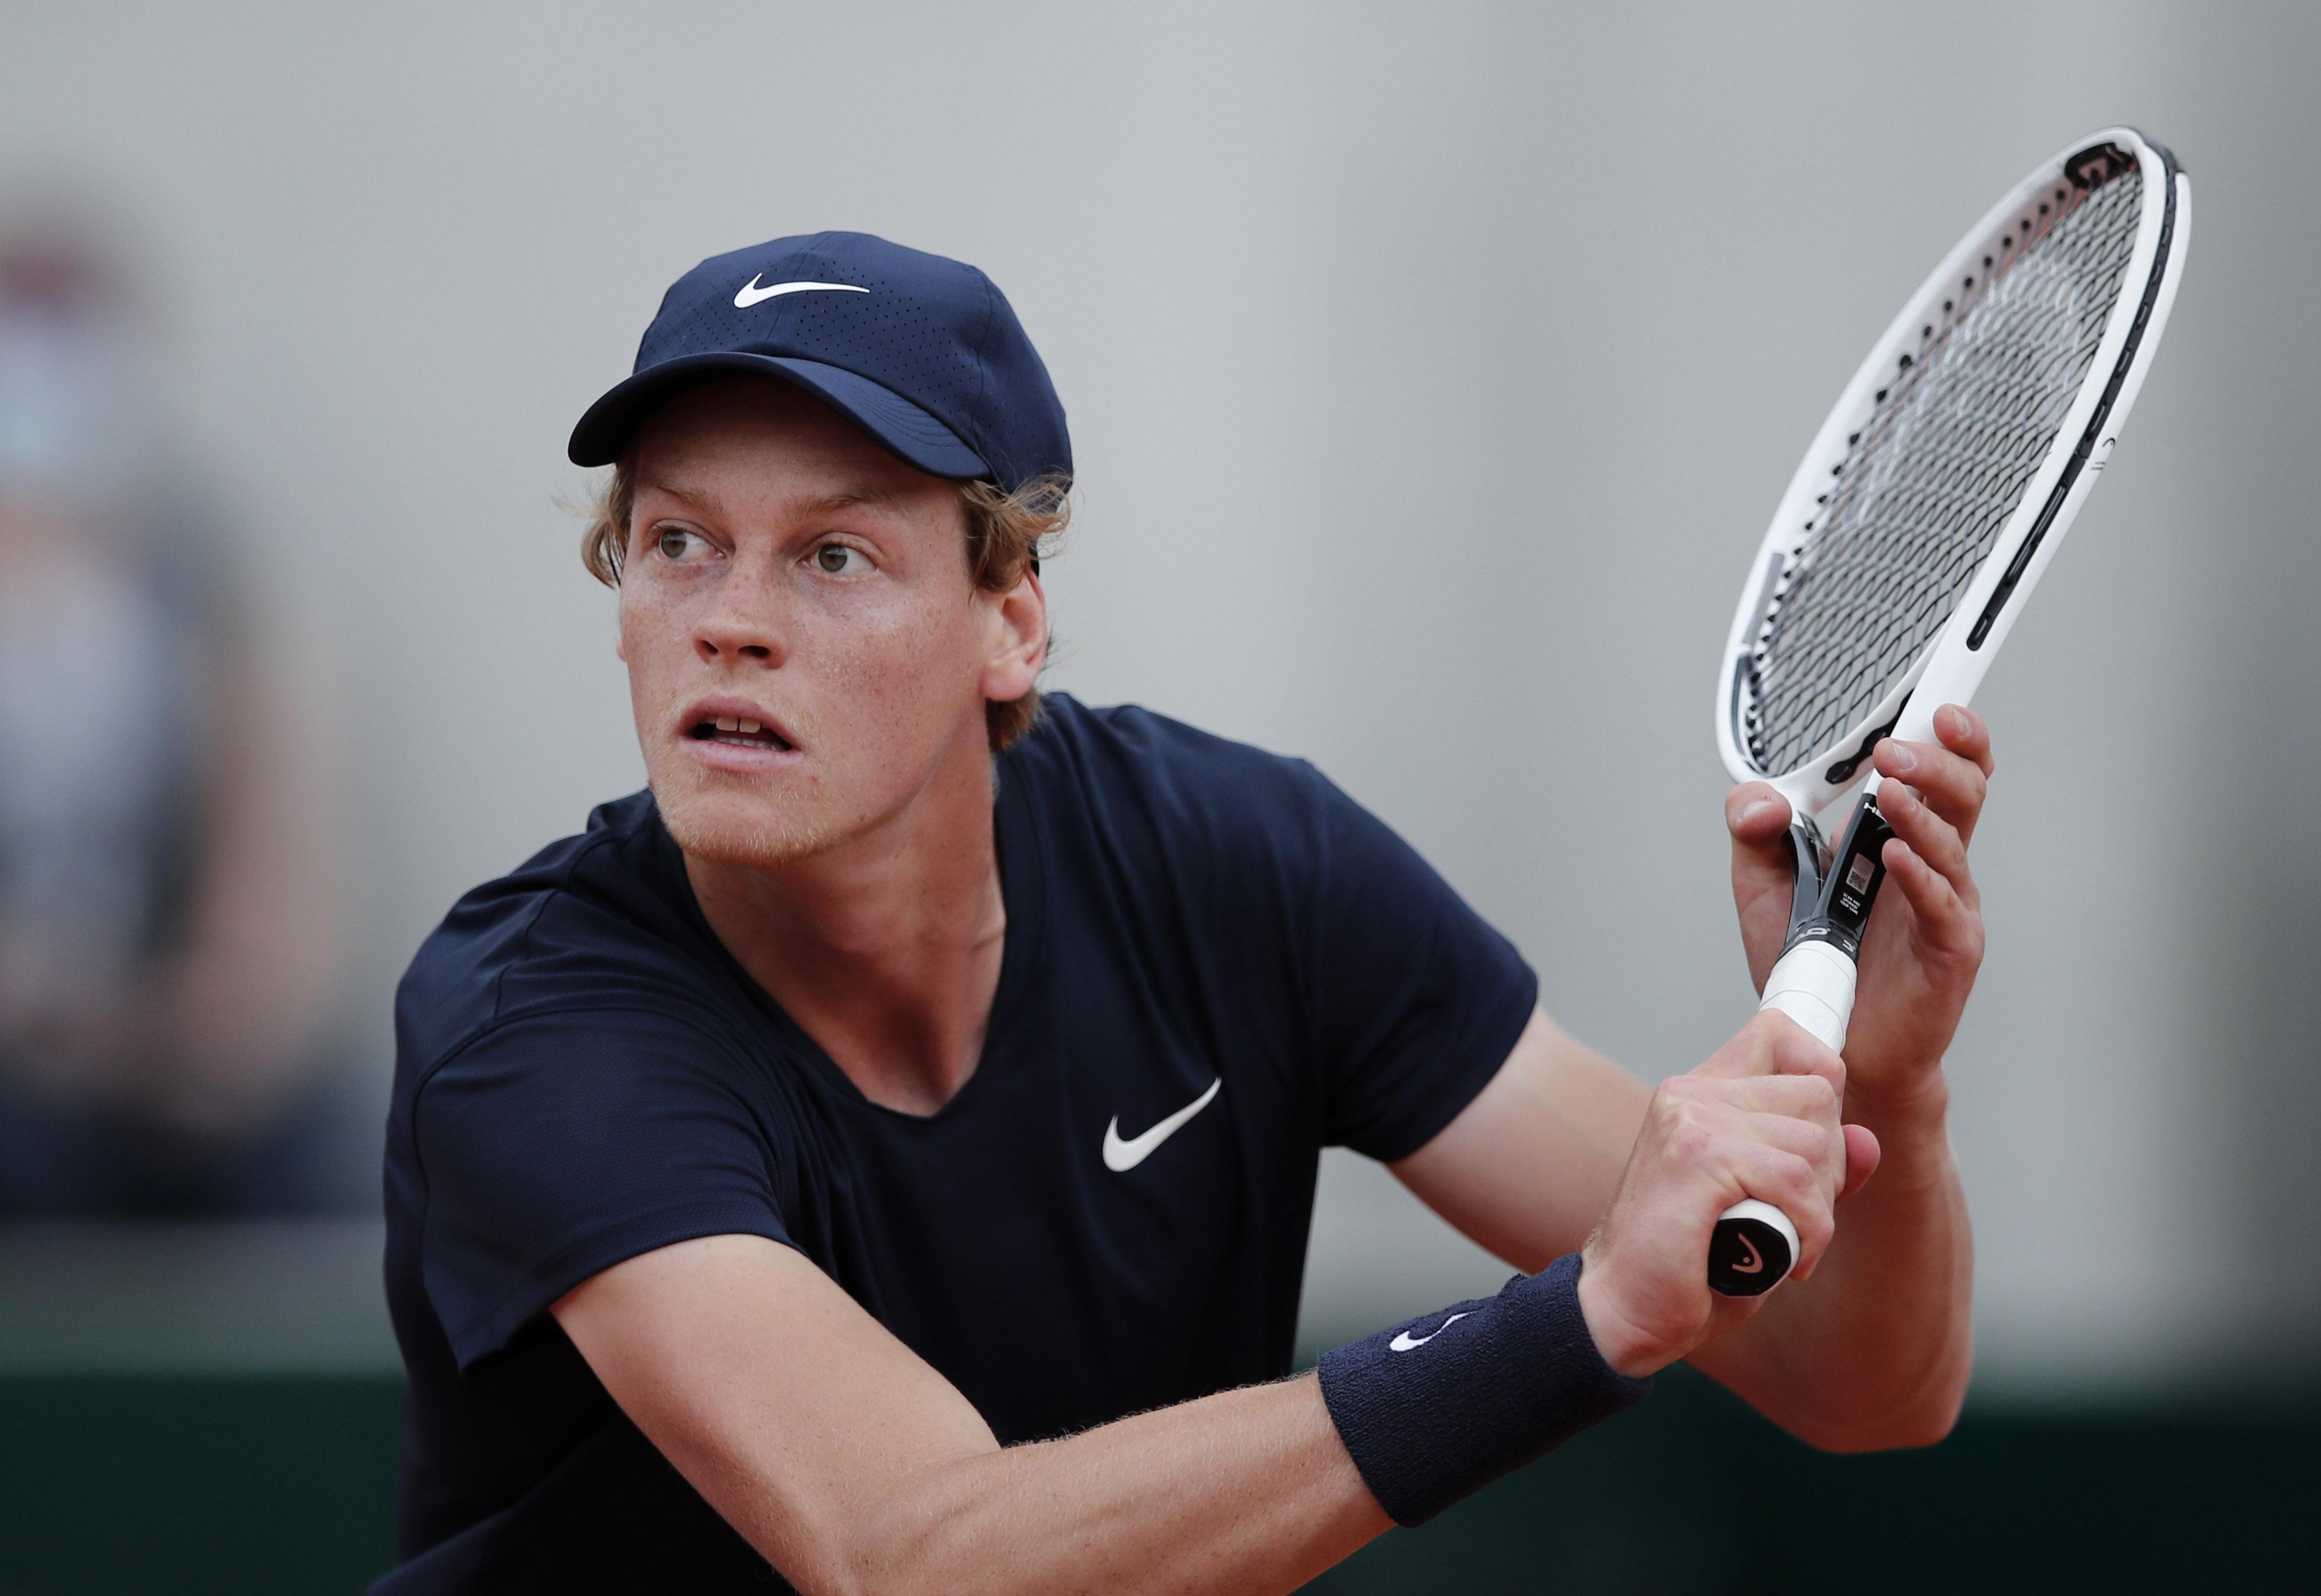 Queen's Open 2021: Jannik Sinner vs. Jack Draper Tennis Pick and Prediction